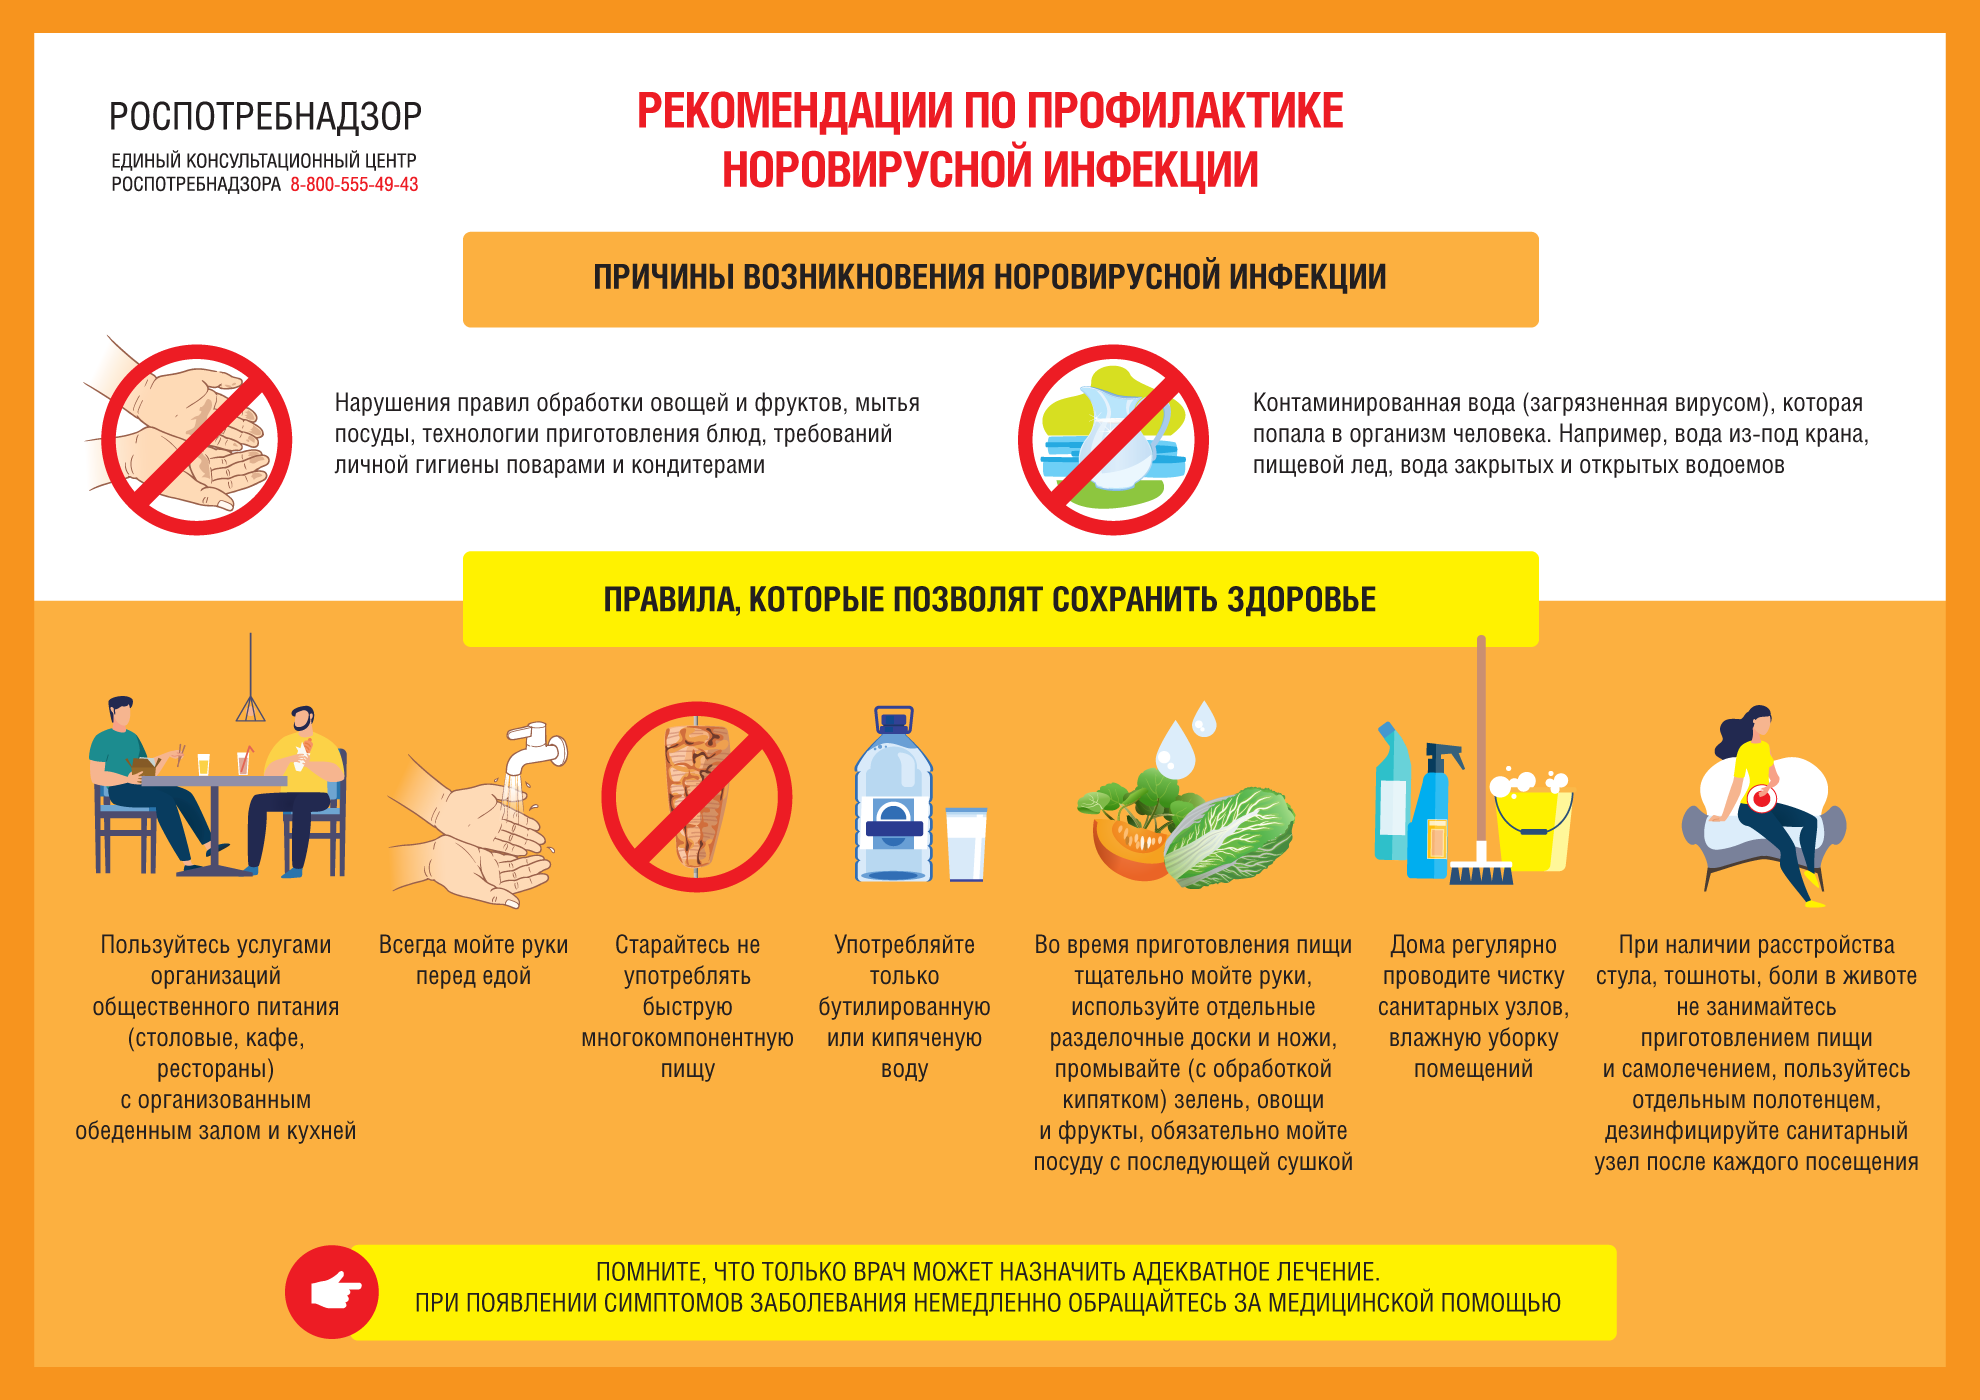 Норовирус: поступают тревожные сигналы | милосердие.ru